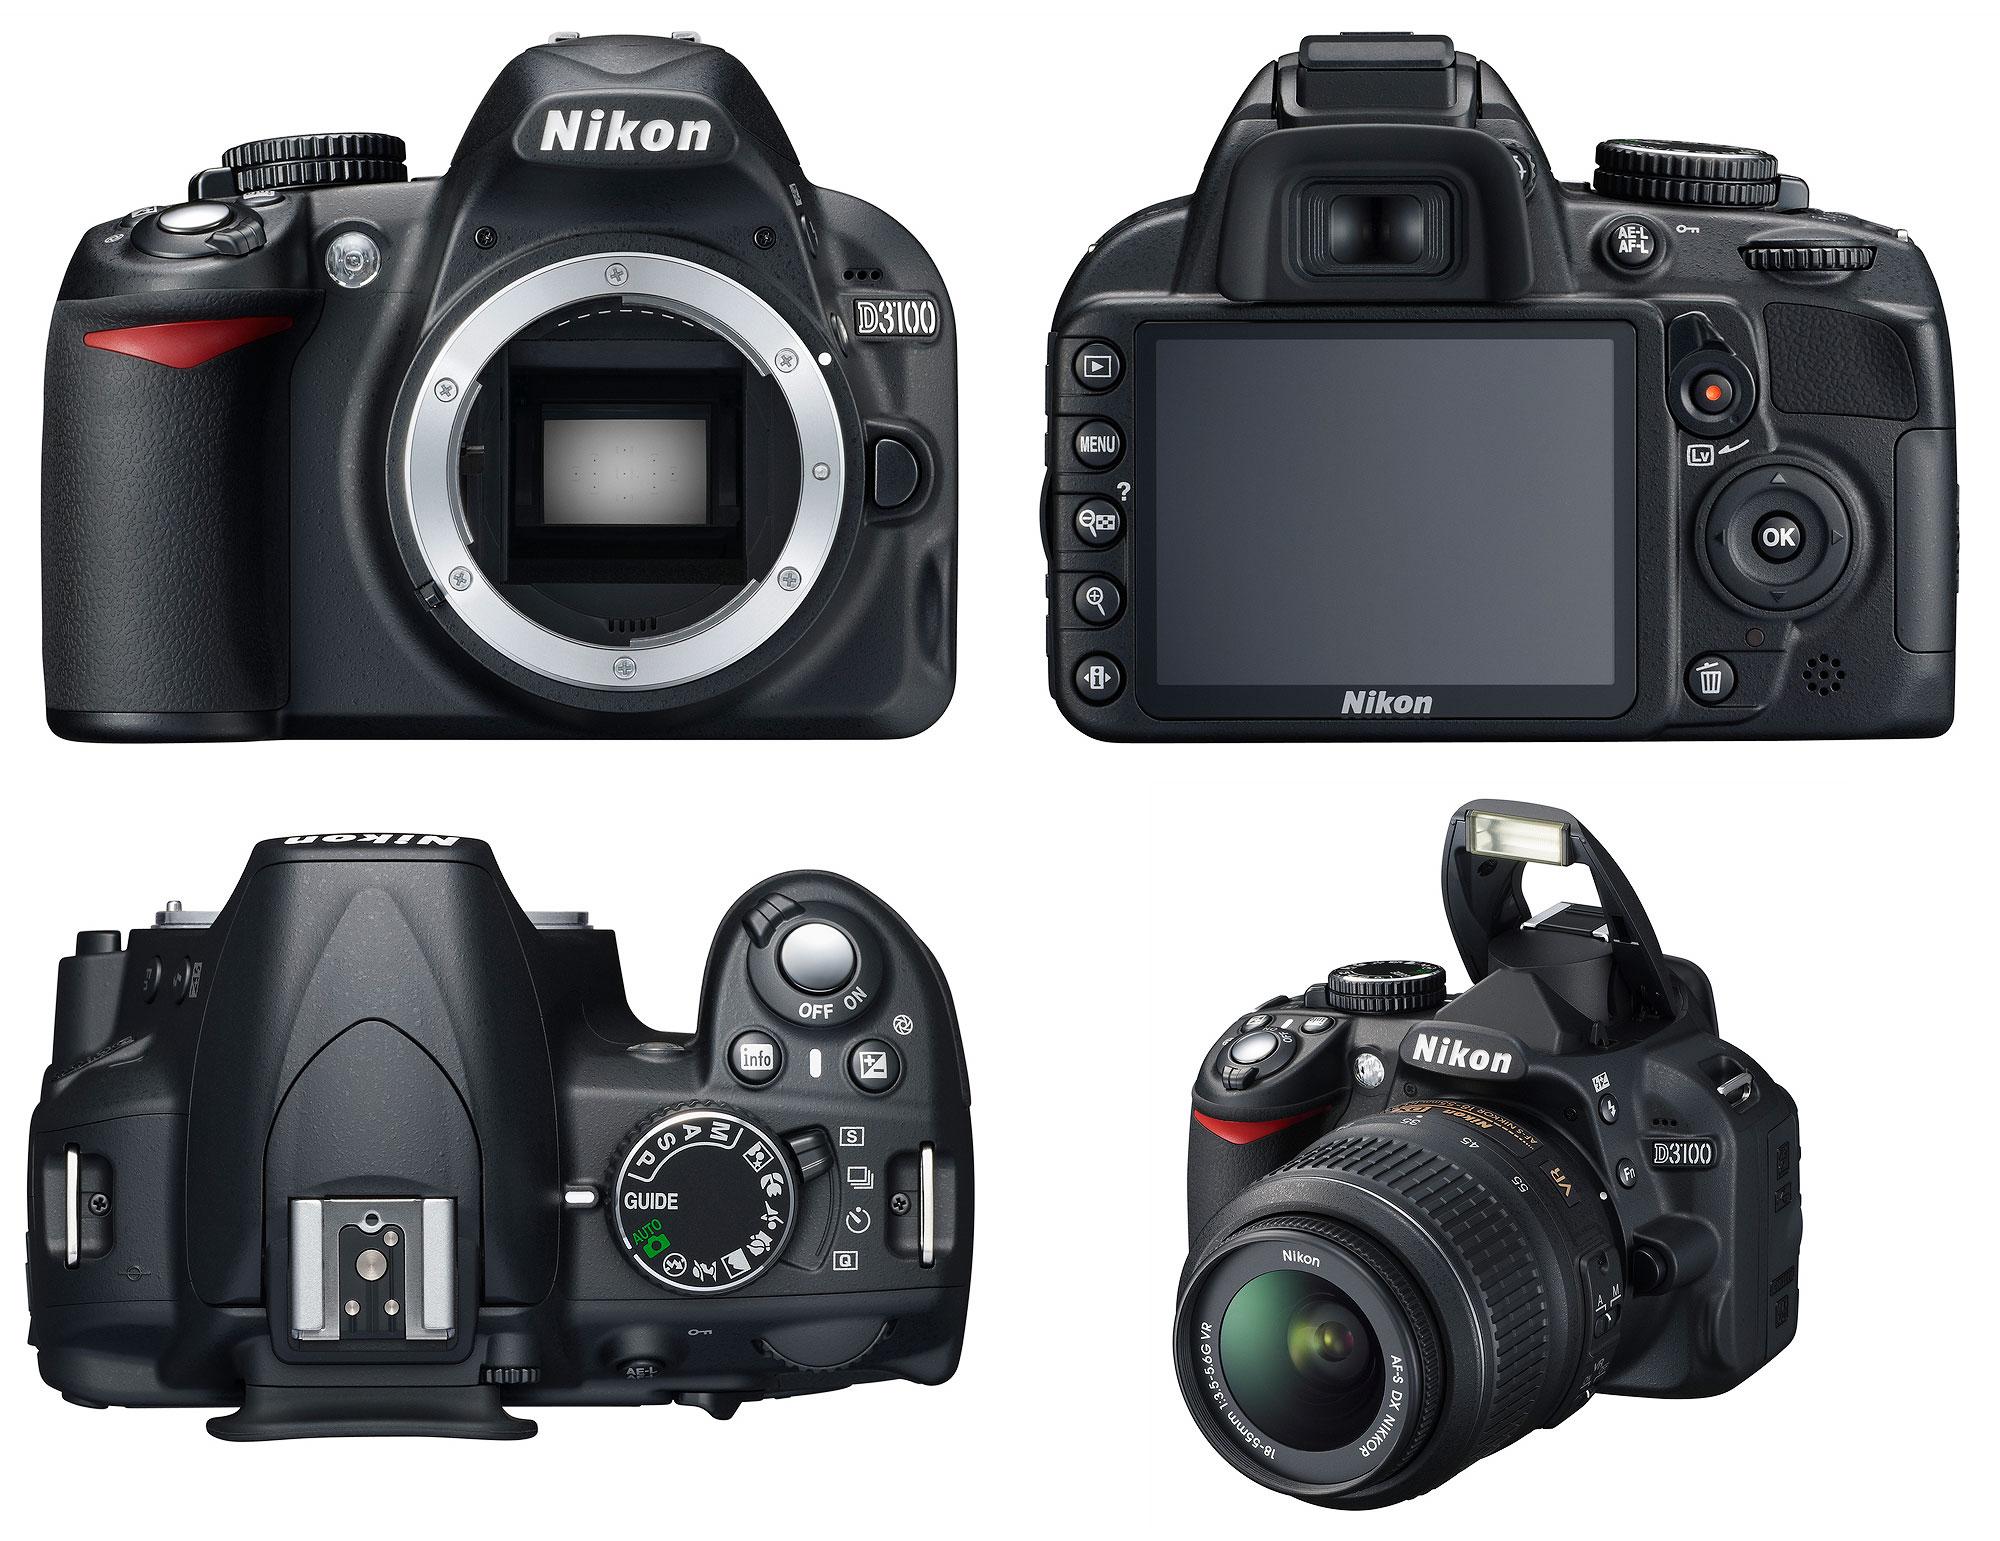 top fotografia nikon d3100 rh topfotografia net manual de camara nikon d3100 manual nikon d3100 español pdf